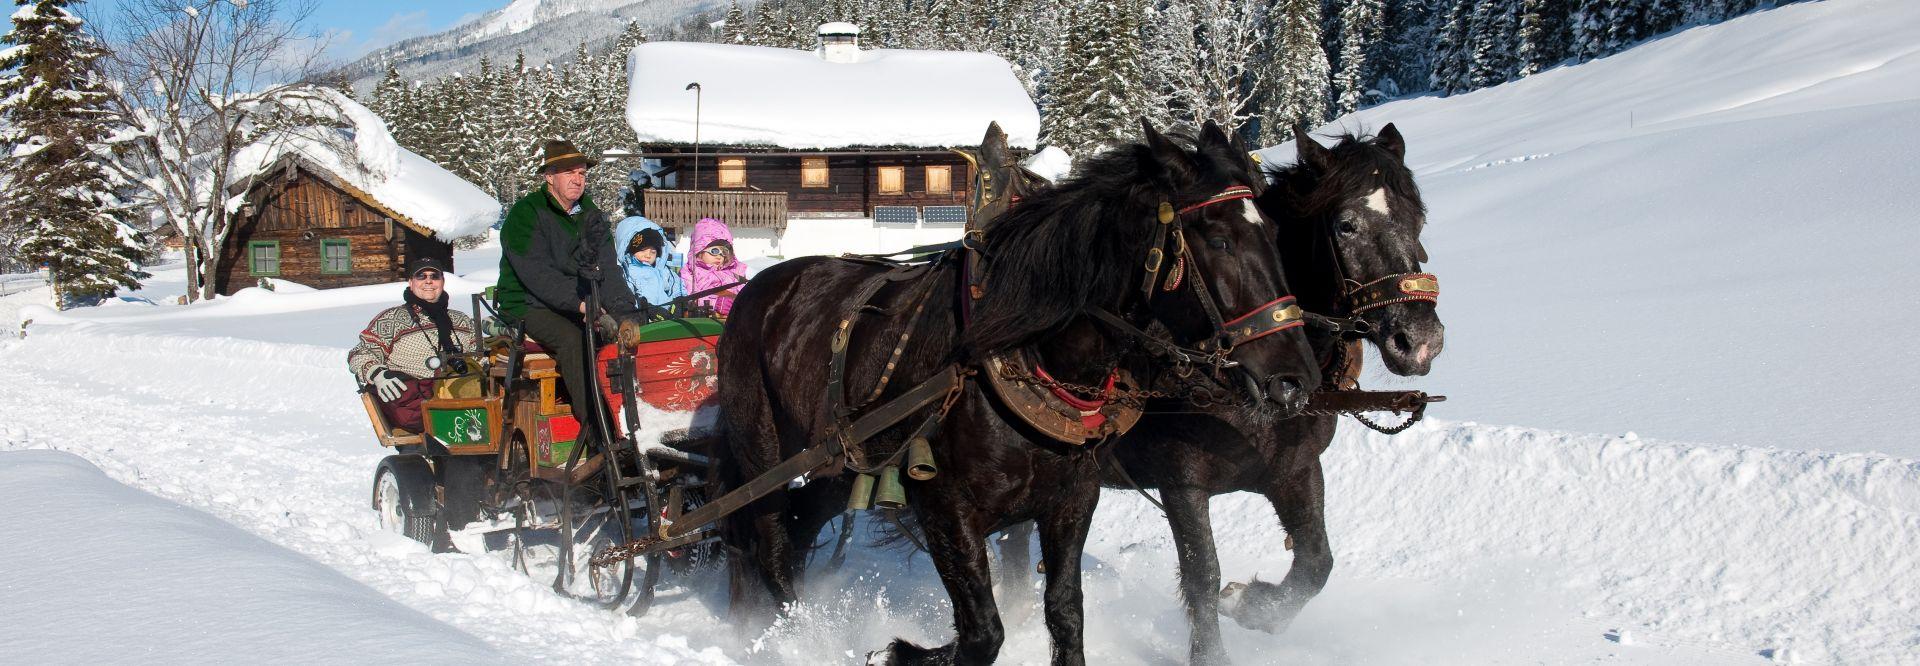 Pferdeschlittenfahrt in verschneiter Landschaft (c) TVB WagrainKleinarl (Prechtlgut)